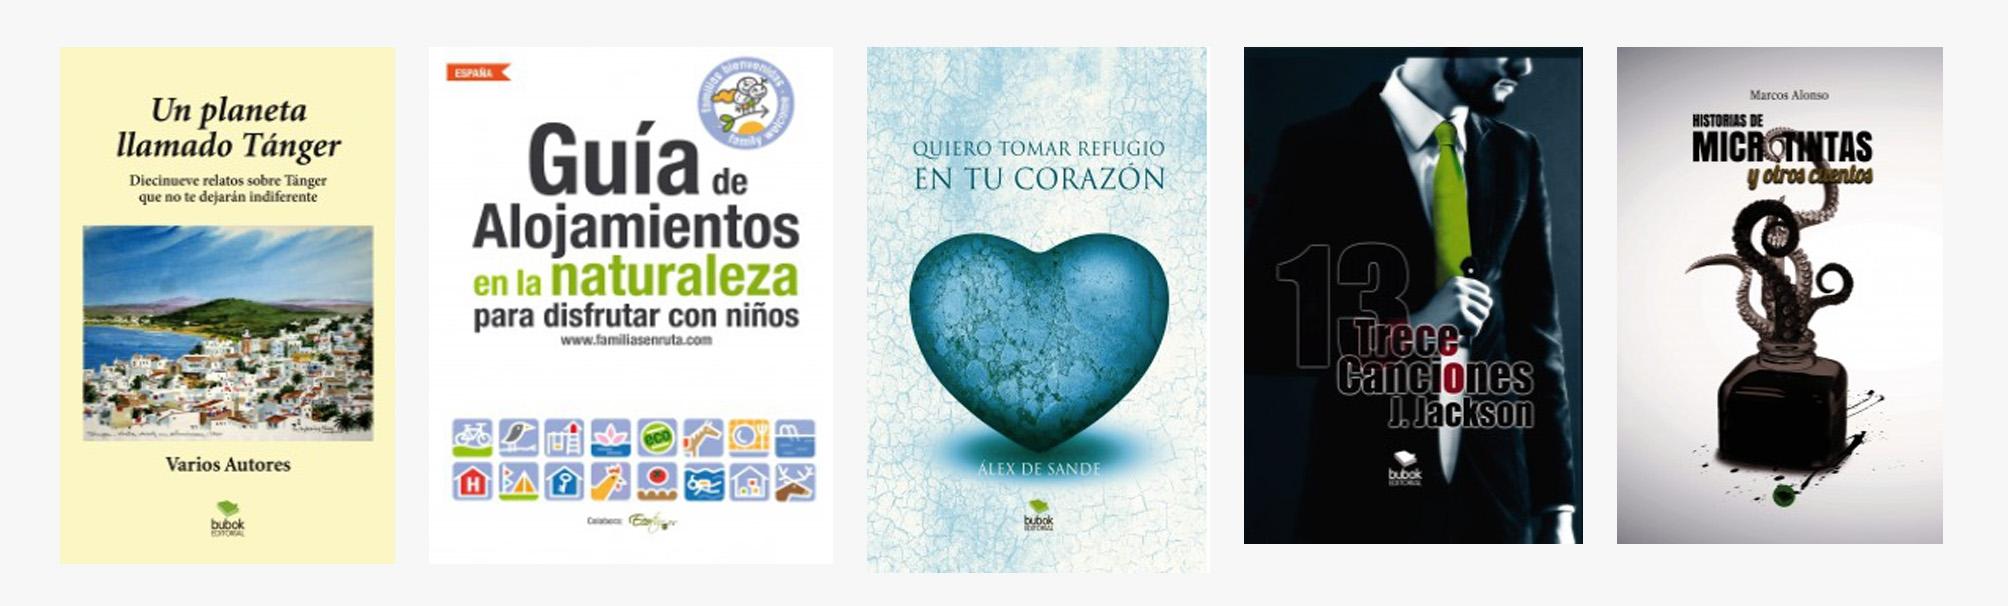 libros-destacados-bubok-verano-2015